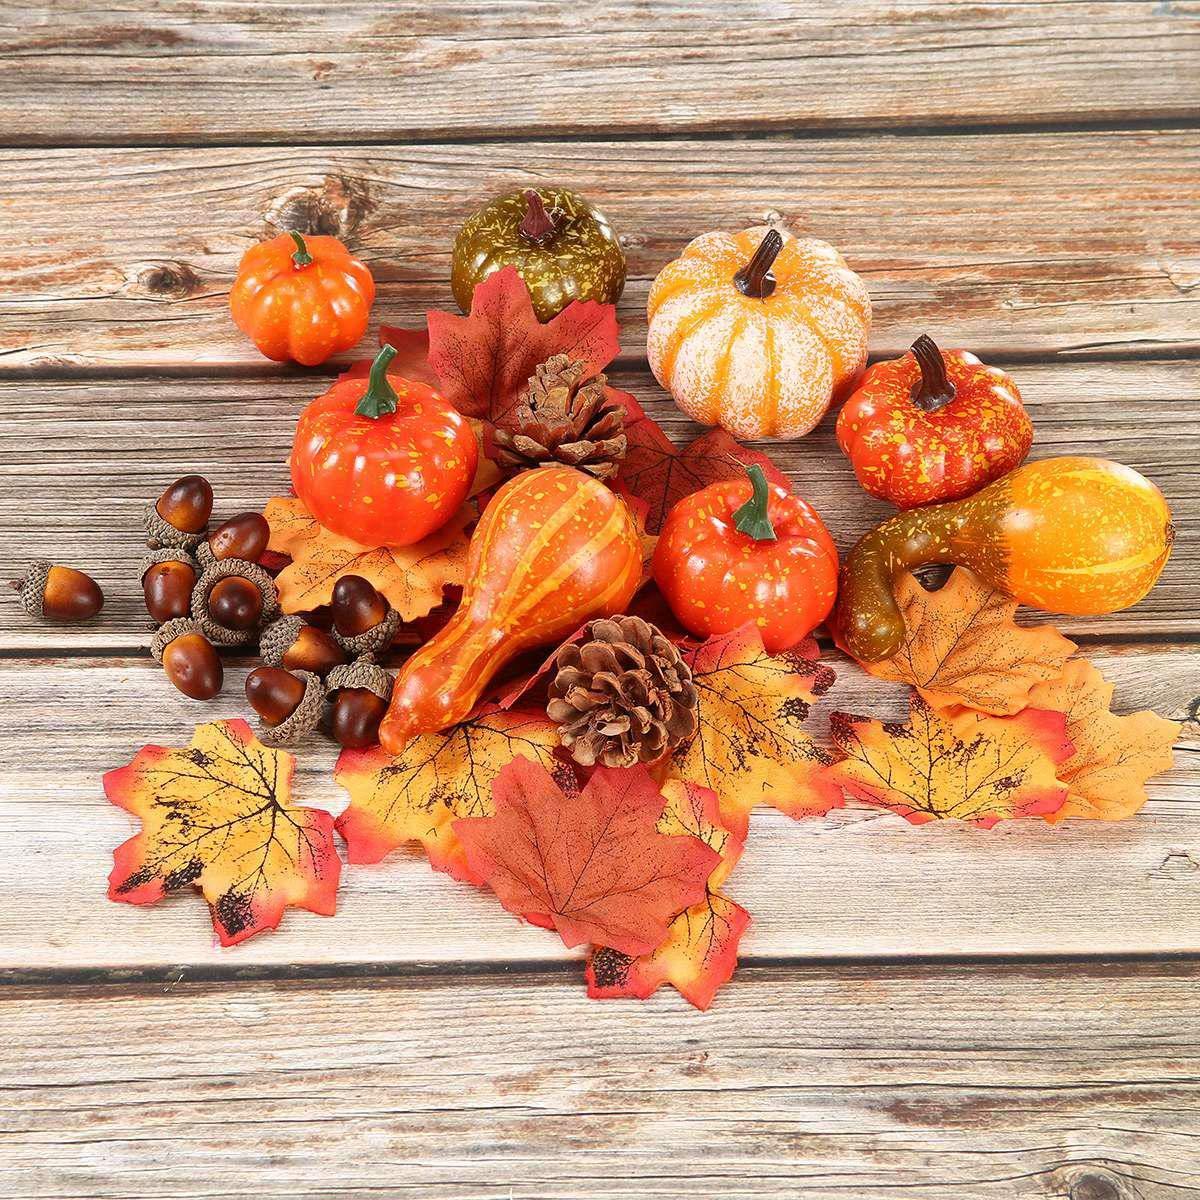 juego de frutas vegetales decorativas reutilizables Decoraci/ón de calabaza artificial Volwco realista para Halloween la decoraci/ón del hogar y festival hojas de arce falsas adornos